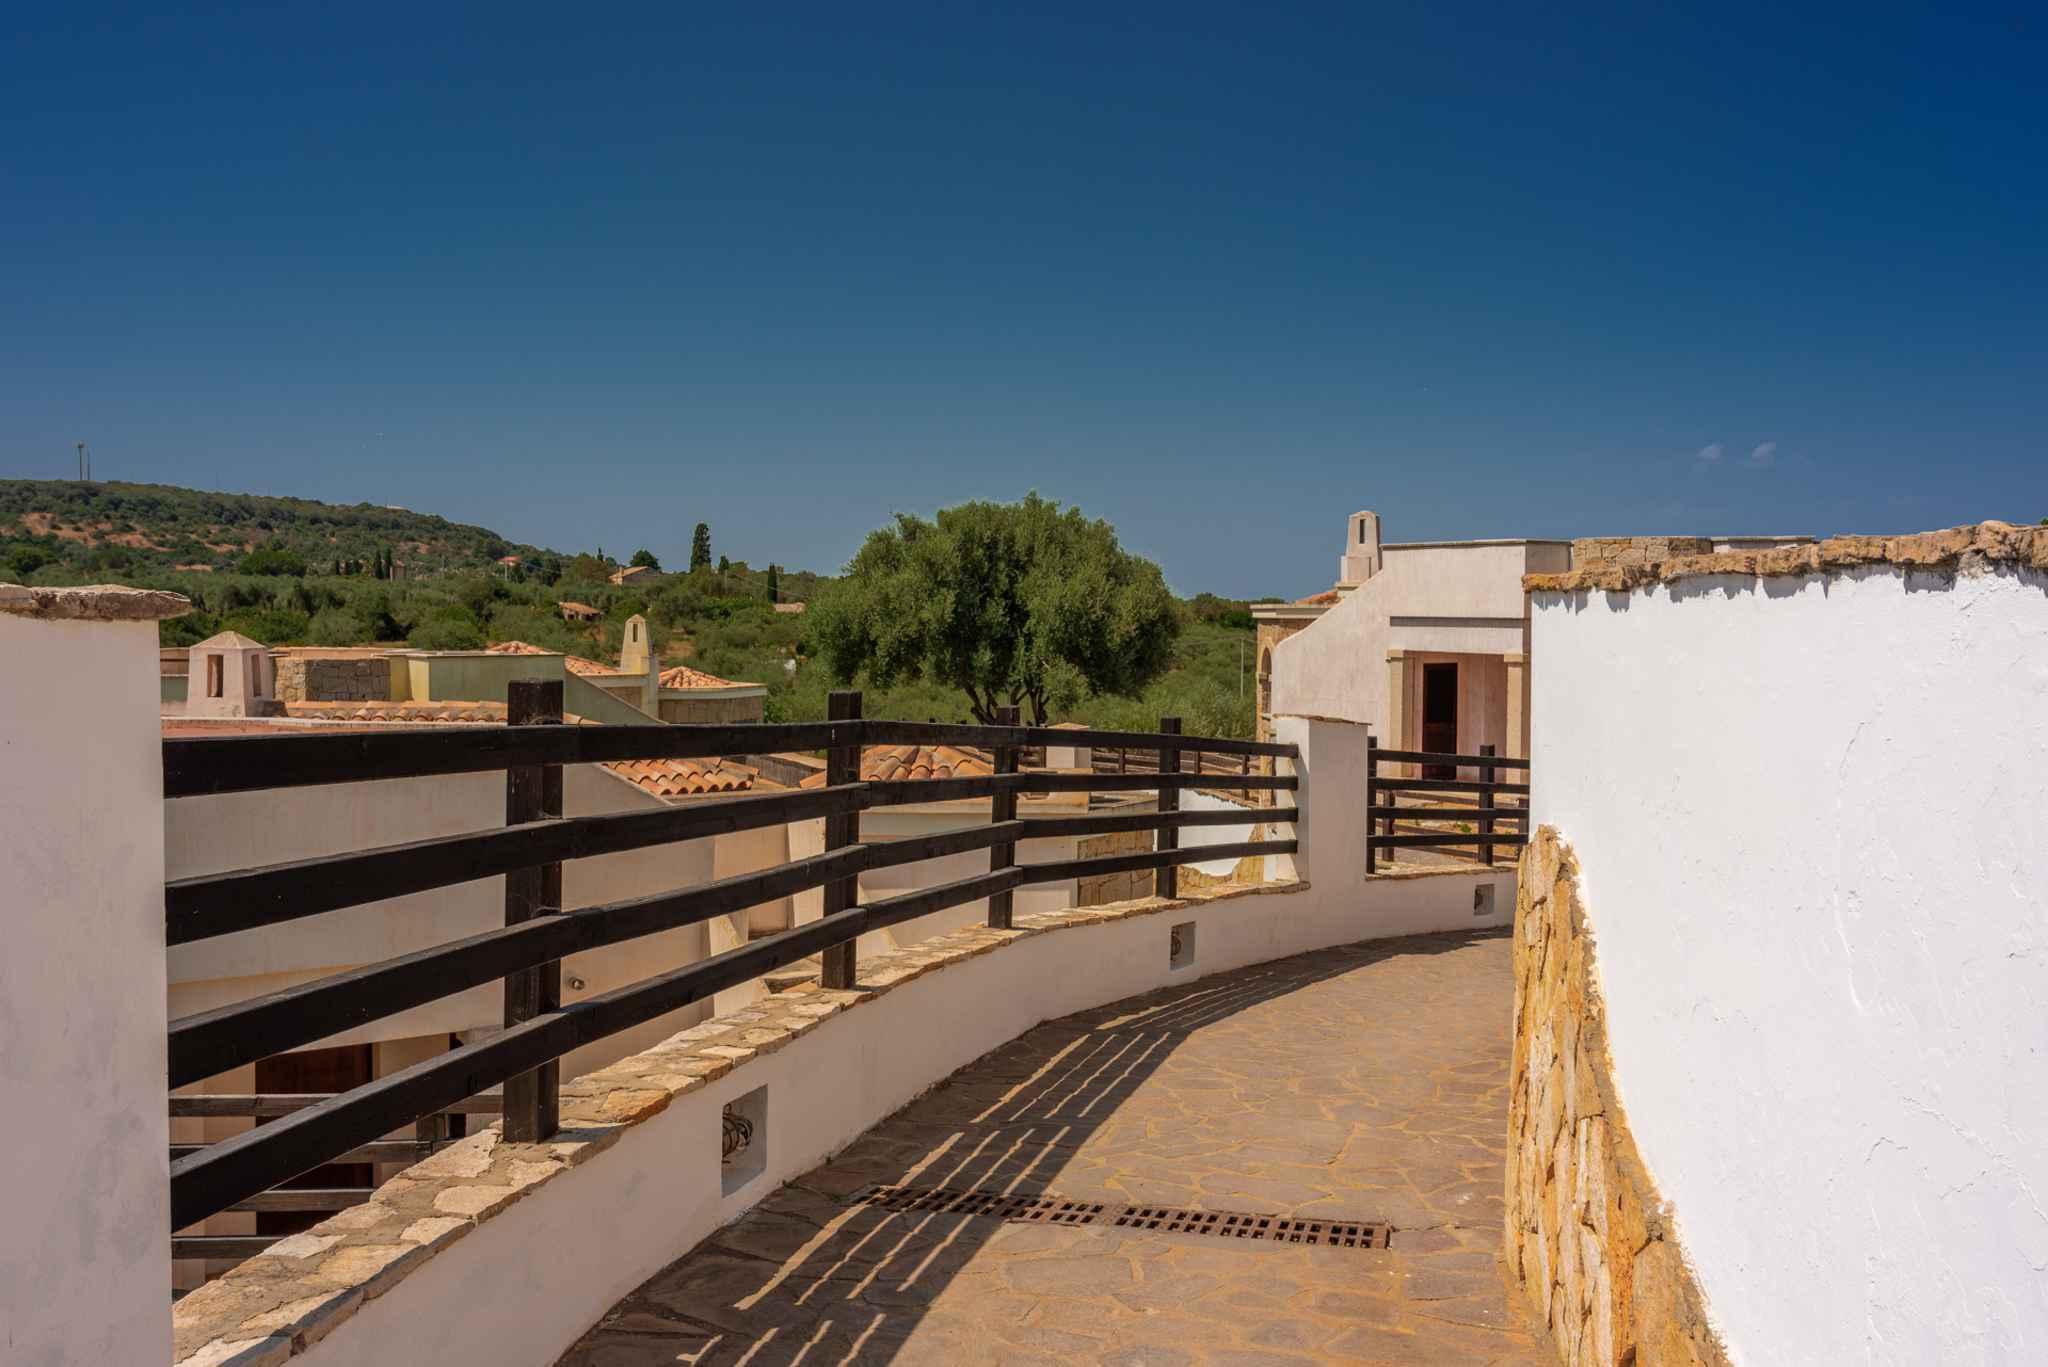 Ferienhaus mit KLimaanlage (2182426), Alghero, Sassari, Sardinien, Italien, Bild 12